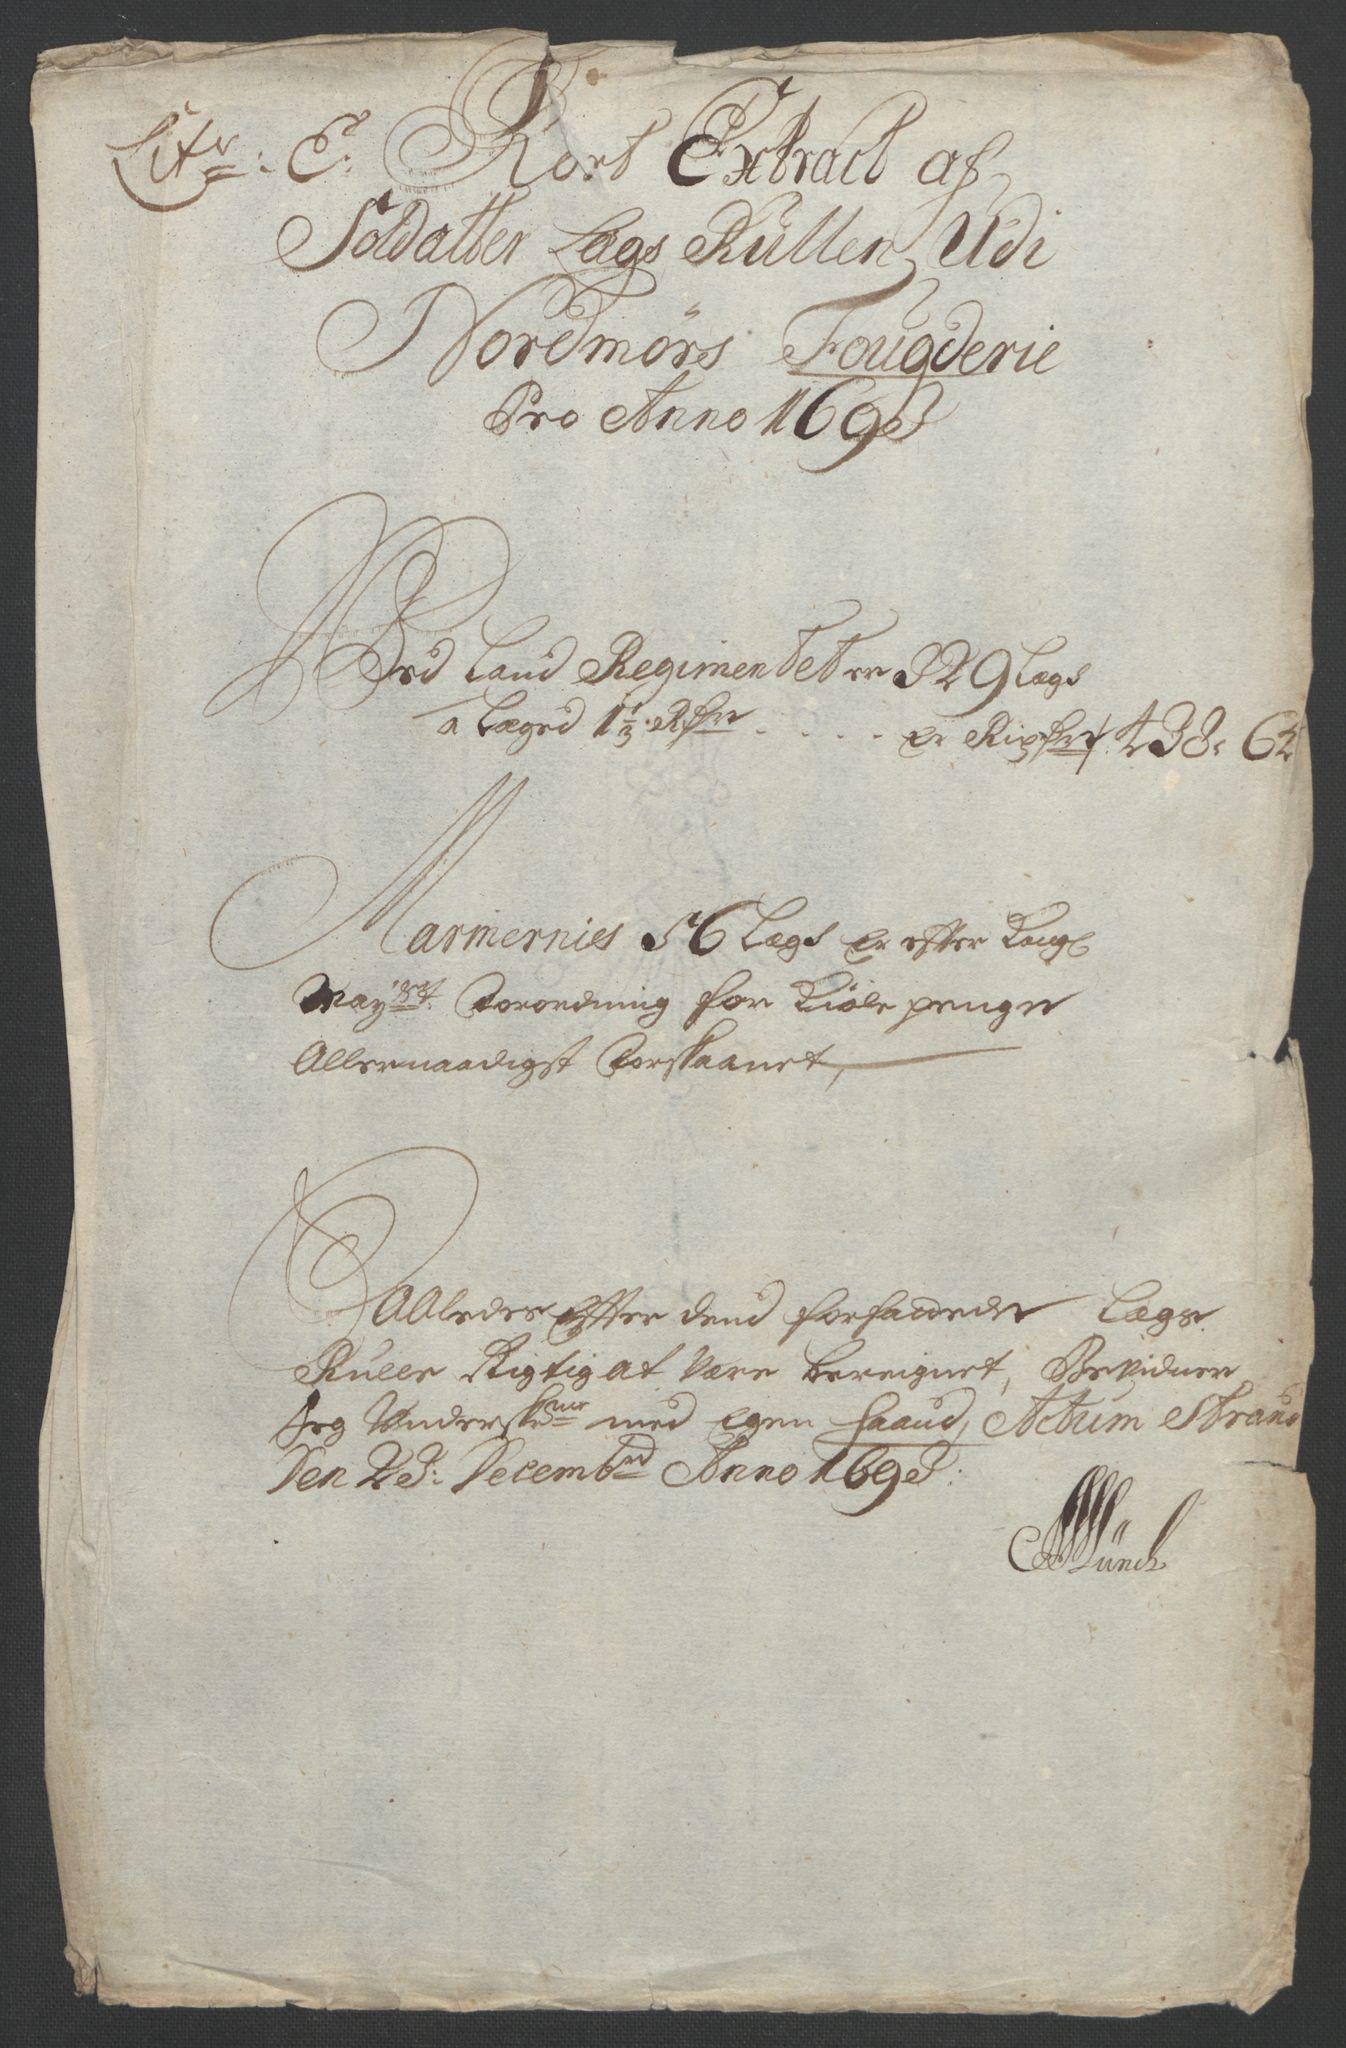 RA, Rentekammeret inntil 1814, Reviderte regnskaper, Fogderegnskap, R56/L3735: Fogderegnskap Nordmøre, 1692-1693, s. 352